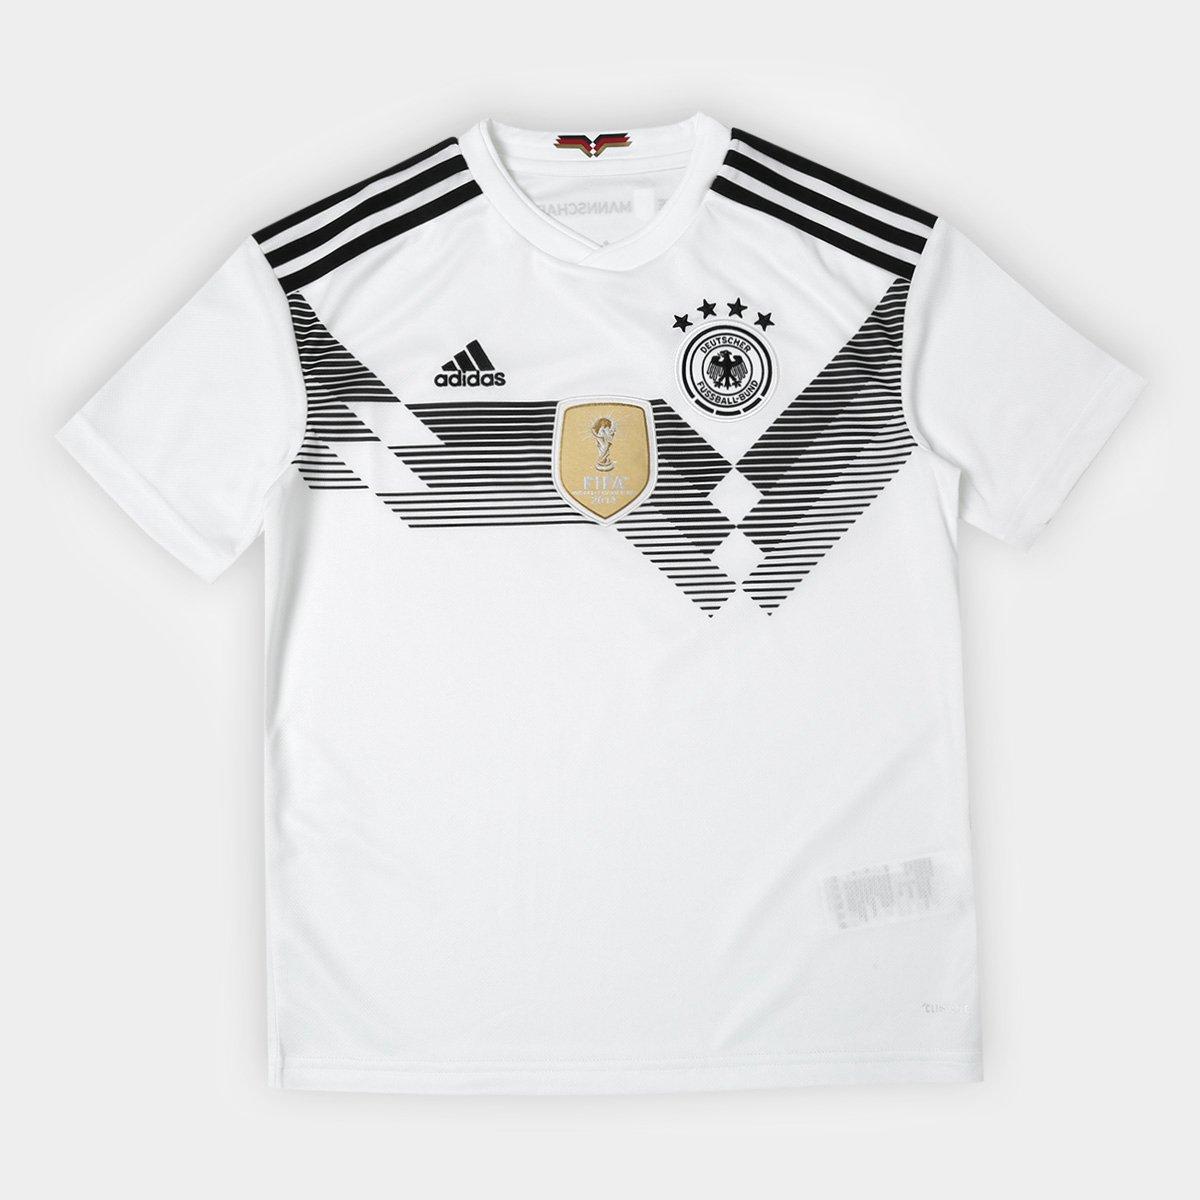 Branco Torcedor 2018 Alemanha Home Infantil Adidas n° Reus Seleção Camisa 11 qZwfn1Tvzx